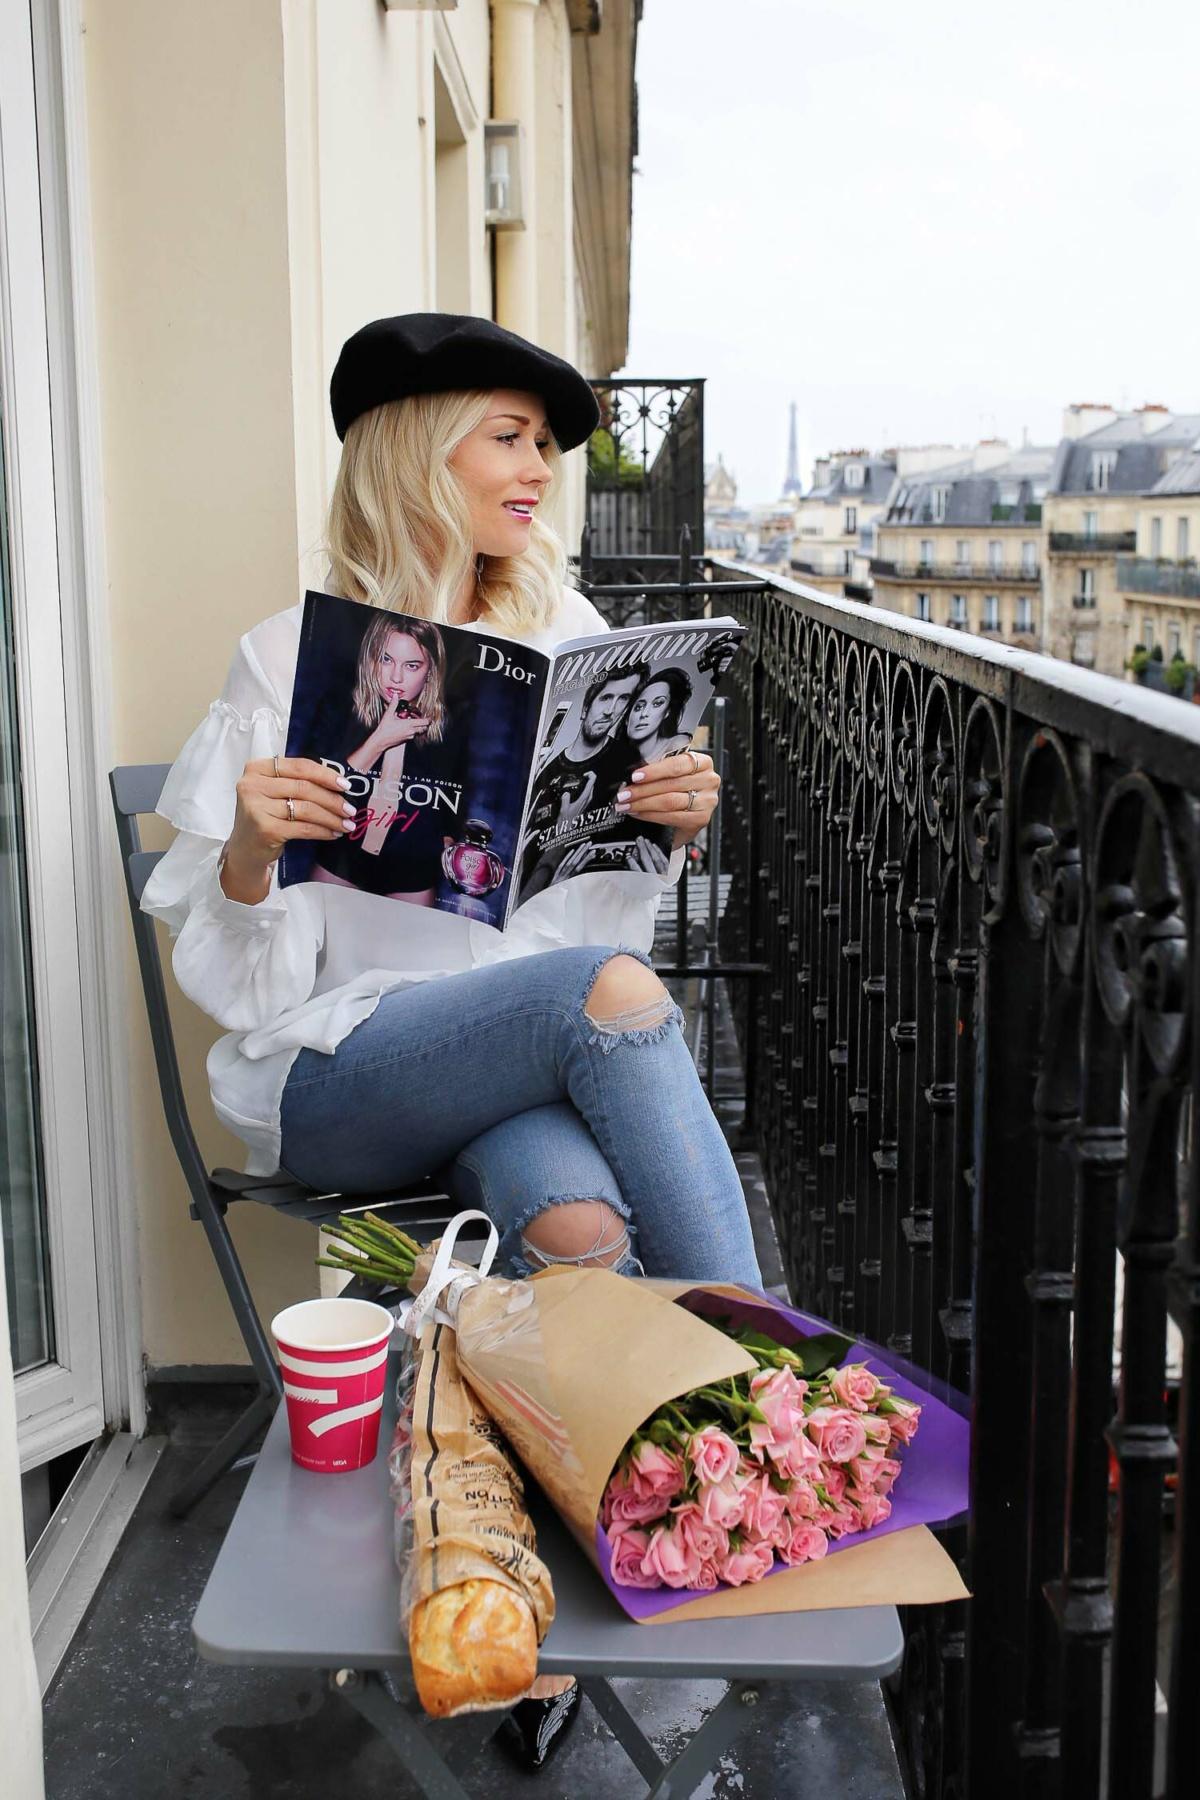 stylingliebe-fashionblog-muenchen-styleblog-munich-blogger-deutschland-fashionblogger-bloggerdeutschland-lifestyleblog-modeblog-germanblogger-diamantringe-zum-fruehstueck-paris-mon-amour-1